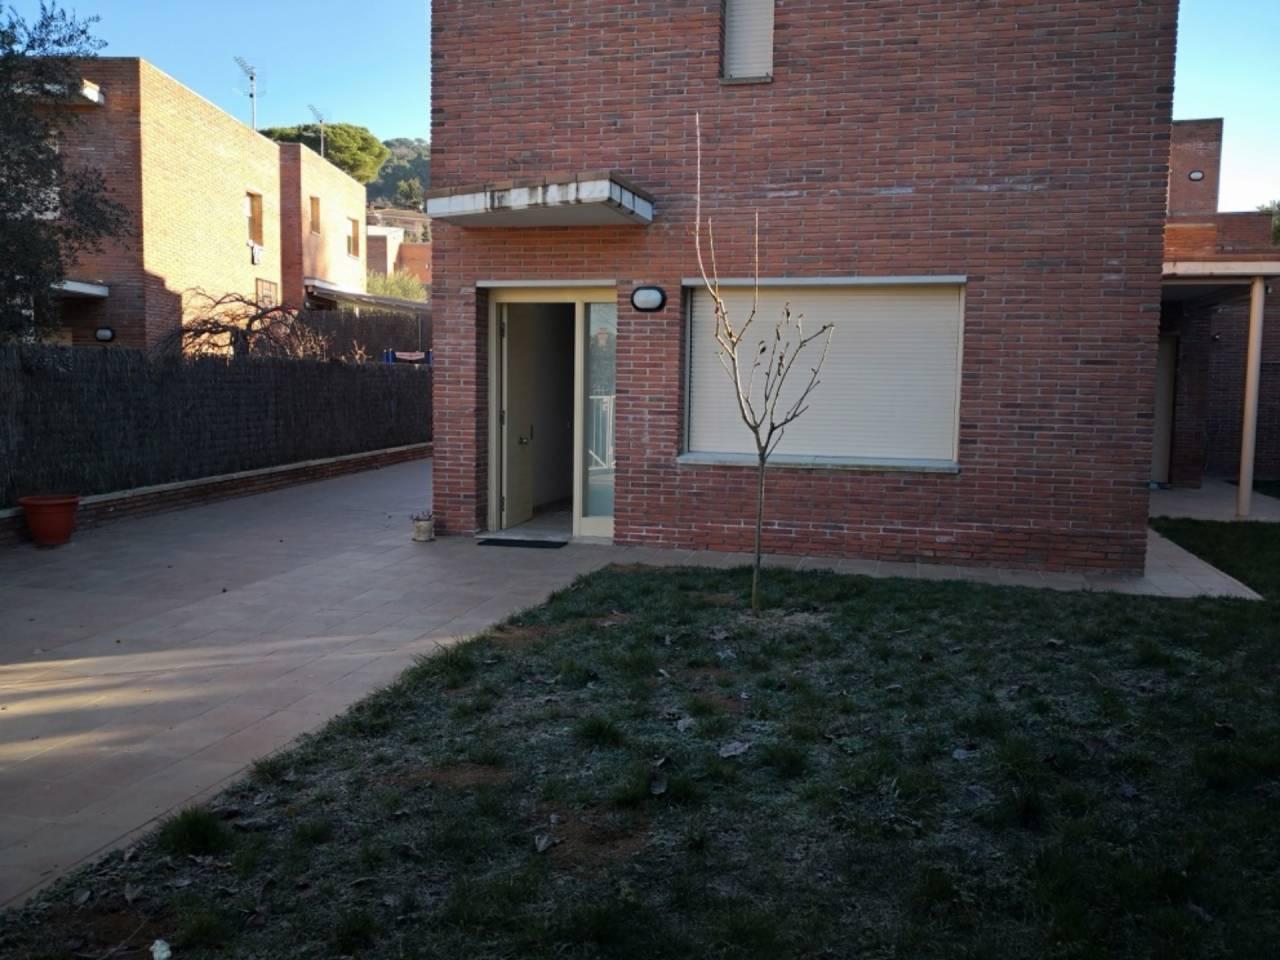 Lloguer Casa  - en el centro del pueblo -. Sup. 167 m², 500 m² solar,  4 habitaciones (4 dobles),  3 baños,